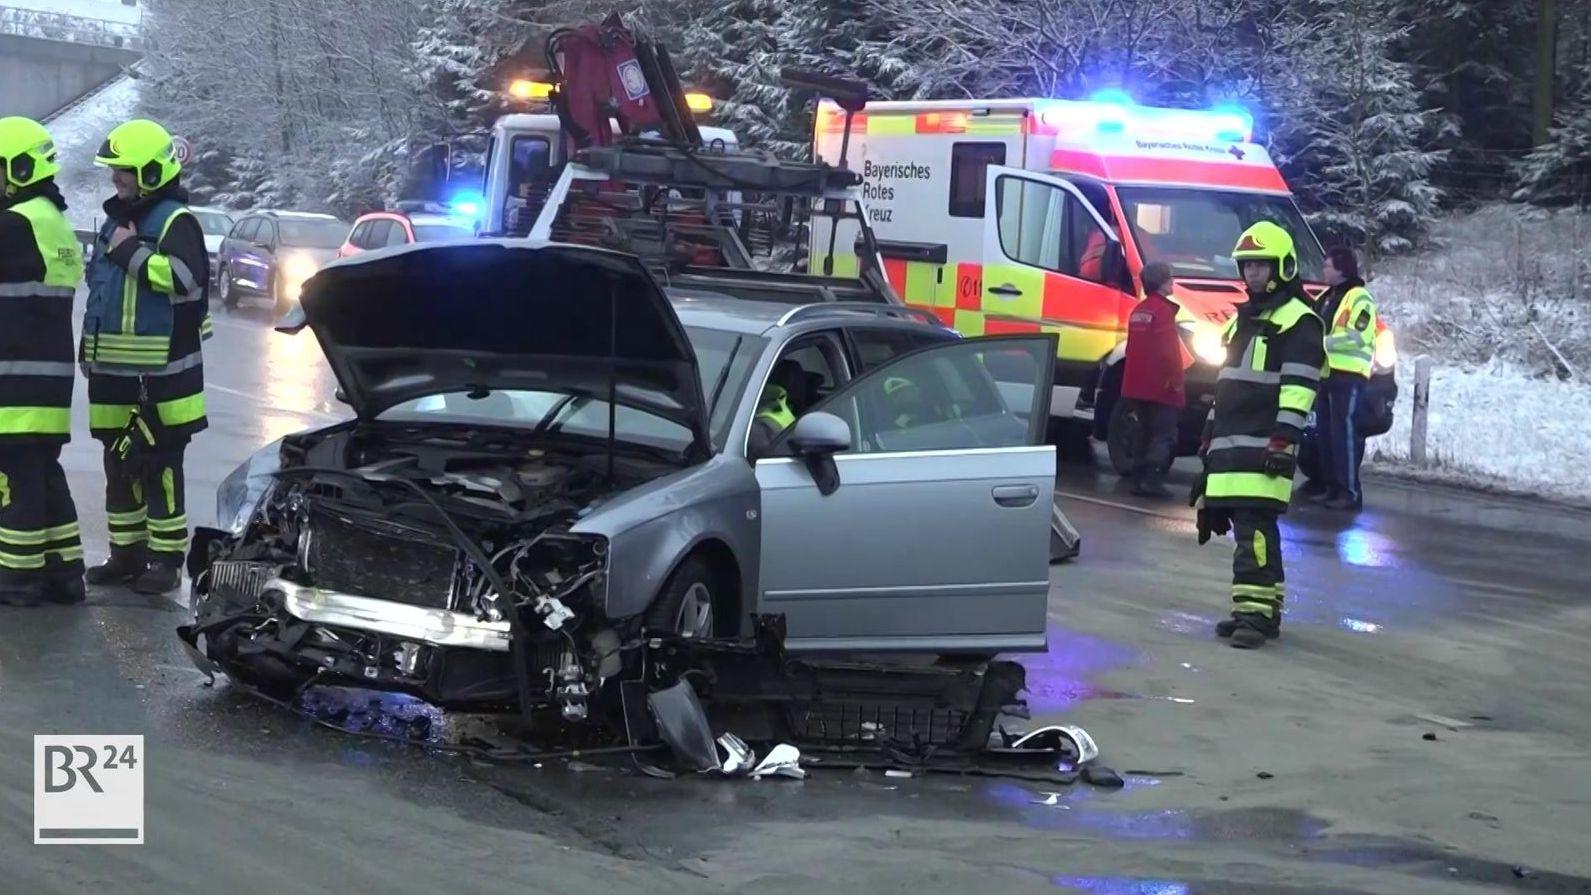 Feuerwehrleute stehen an einem Kleinwagen, der im Frontbereich stark beschädigt ist, dahinter ein Rettungswagen des Bayerischen Roten Kreuzes.